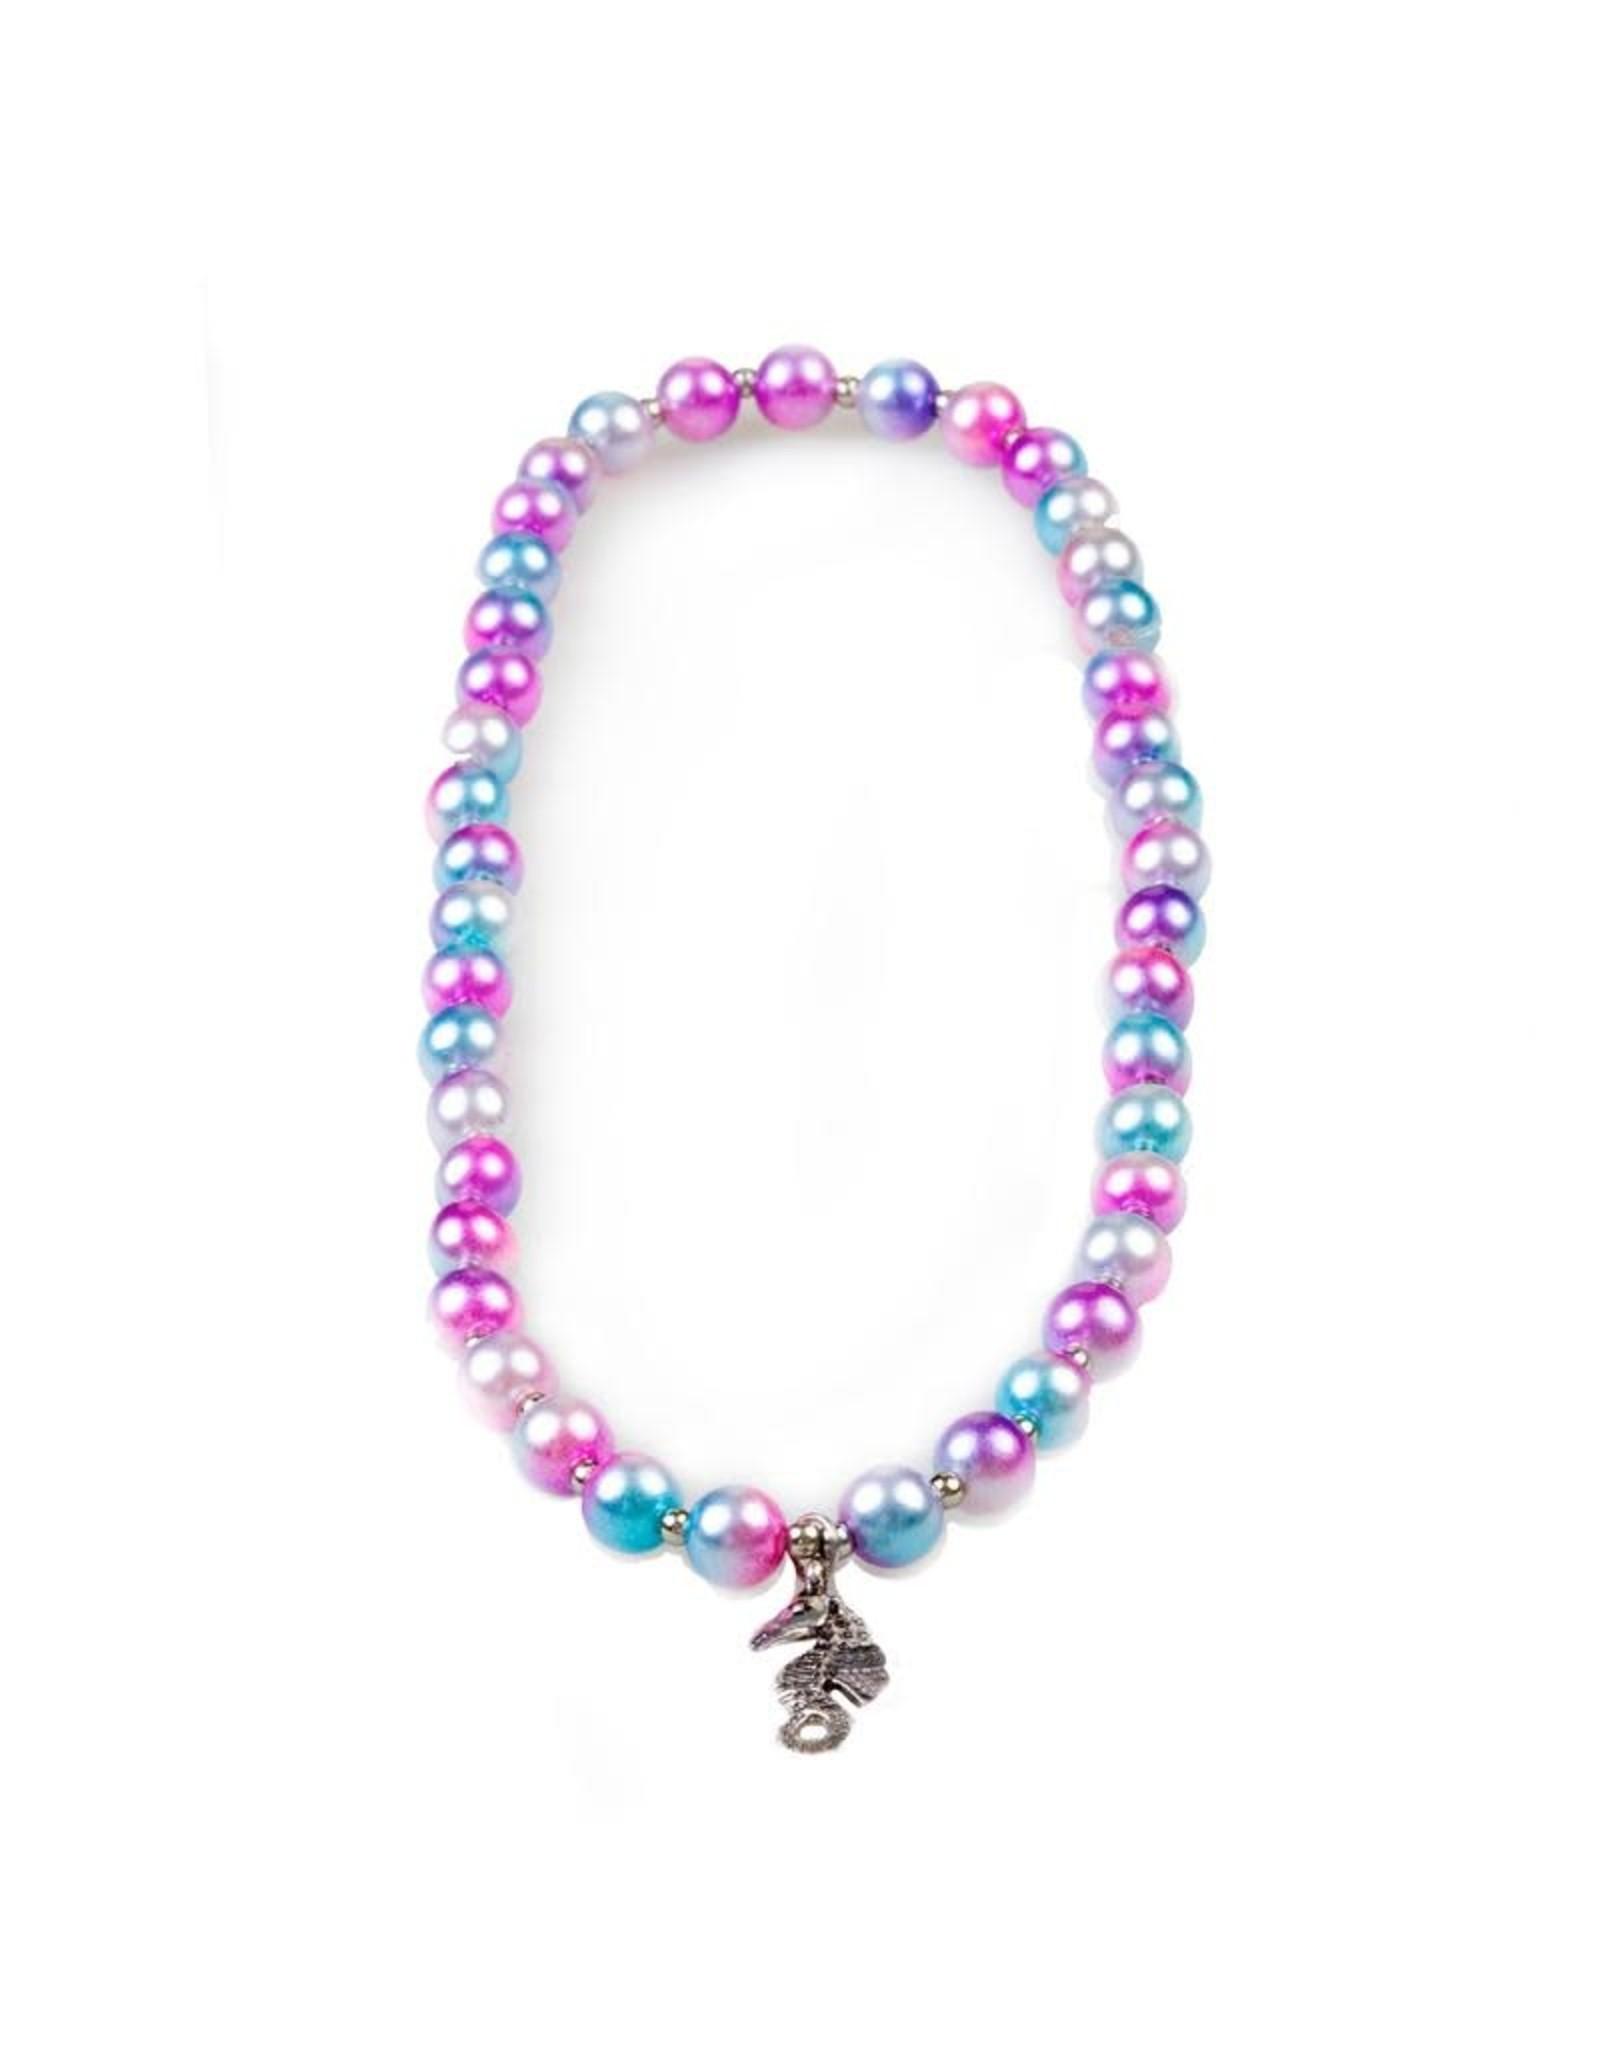 Great Pretenders Mermaid Mist Necklace